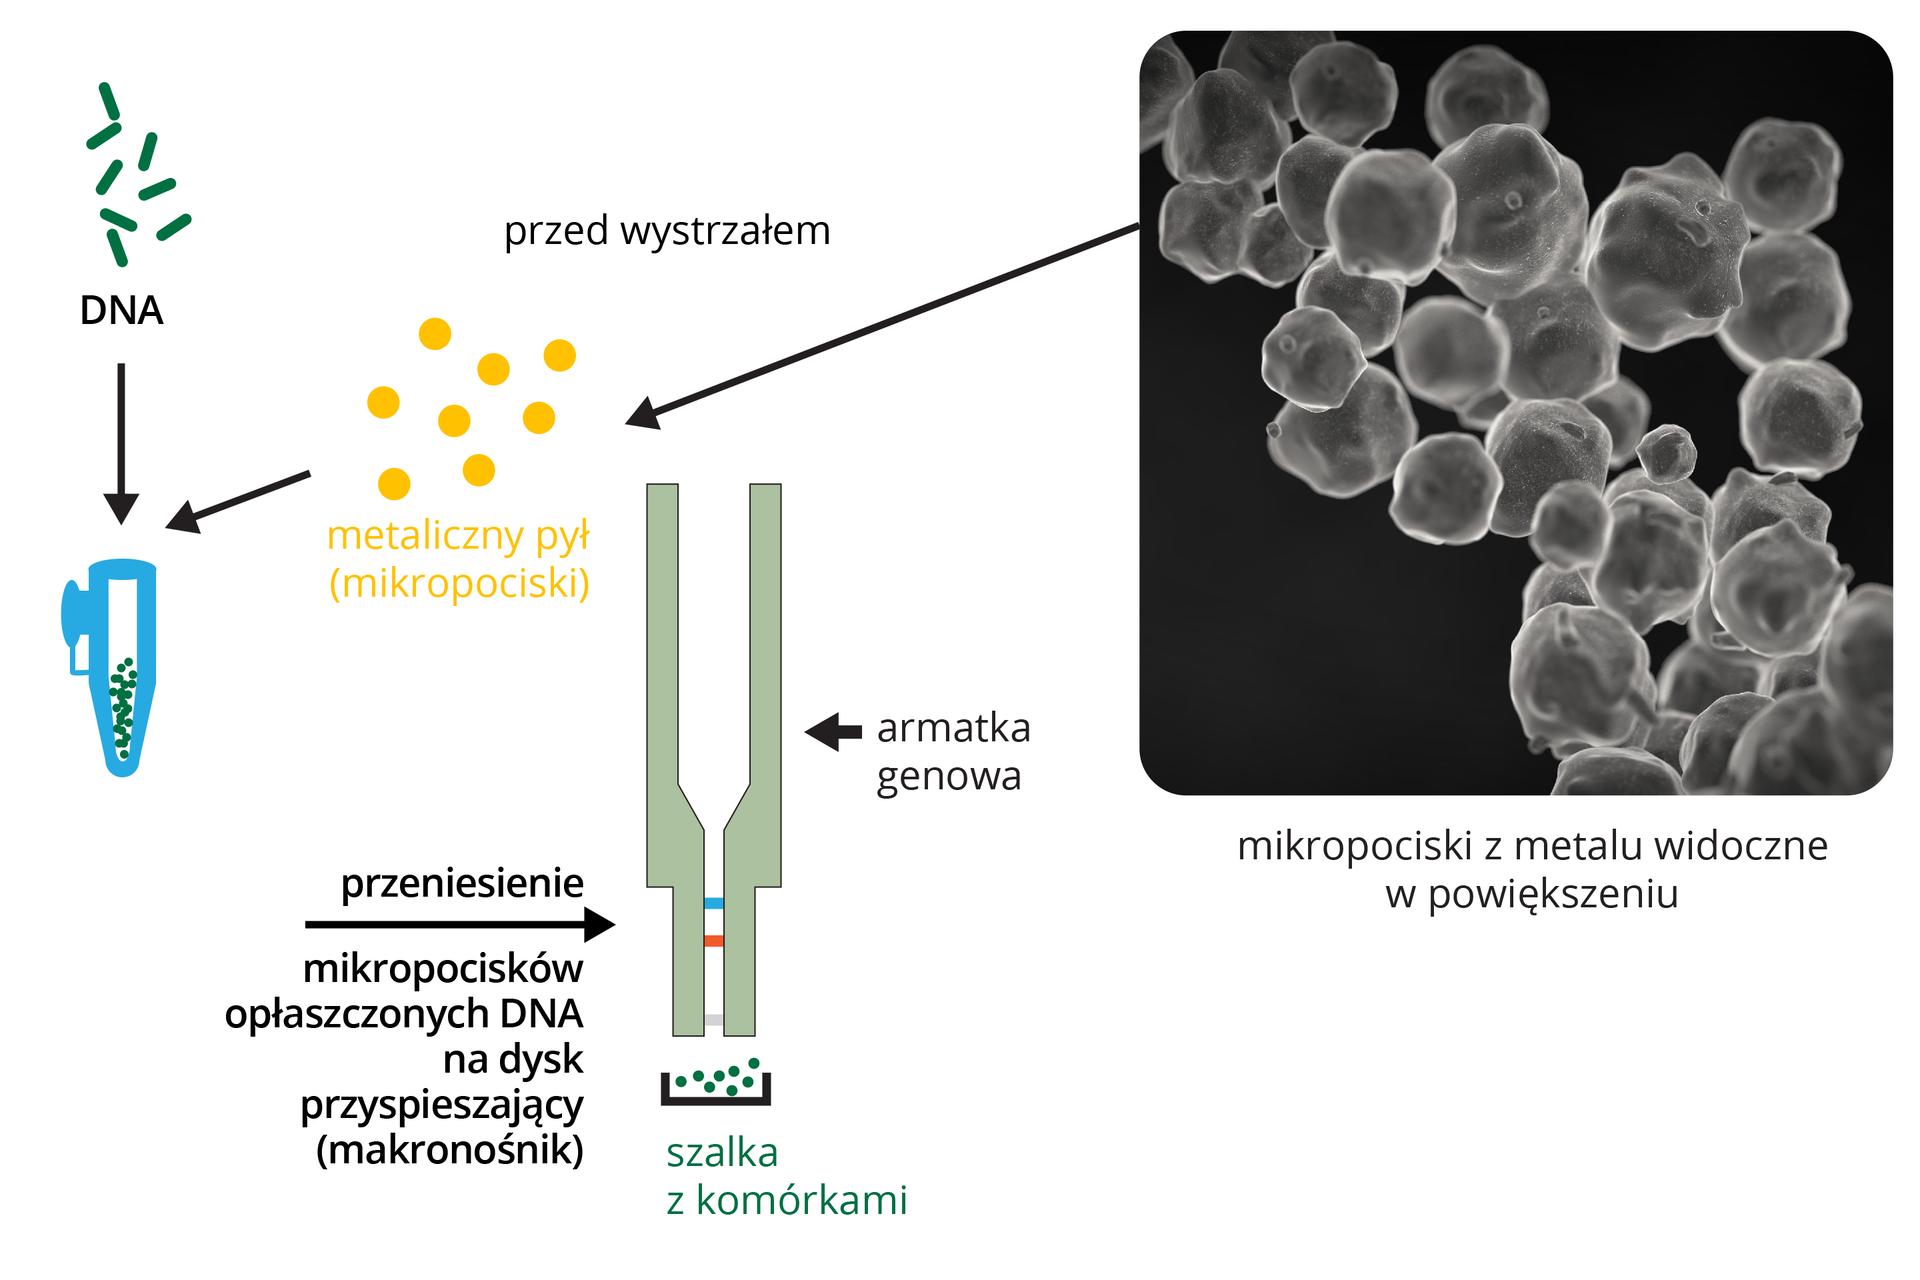 Ilustracja przestawia schematyczne rysunki ifotografię zmikroskopu elektronowego kulek pyłu metalowego. Zlewej zielone DNA jest umieszczane wmałej probówce. Dodaje się do niej także żółte kulki metalowego pyłu. DNA przylepia się do kulek metalu. Za pomocą tak zwanej armatki genowej, ukazanej jako szary podłużny kształt wbija się kulki zDNA do komórek.